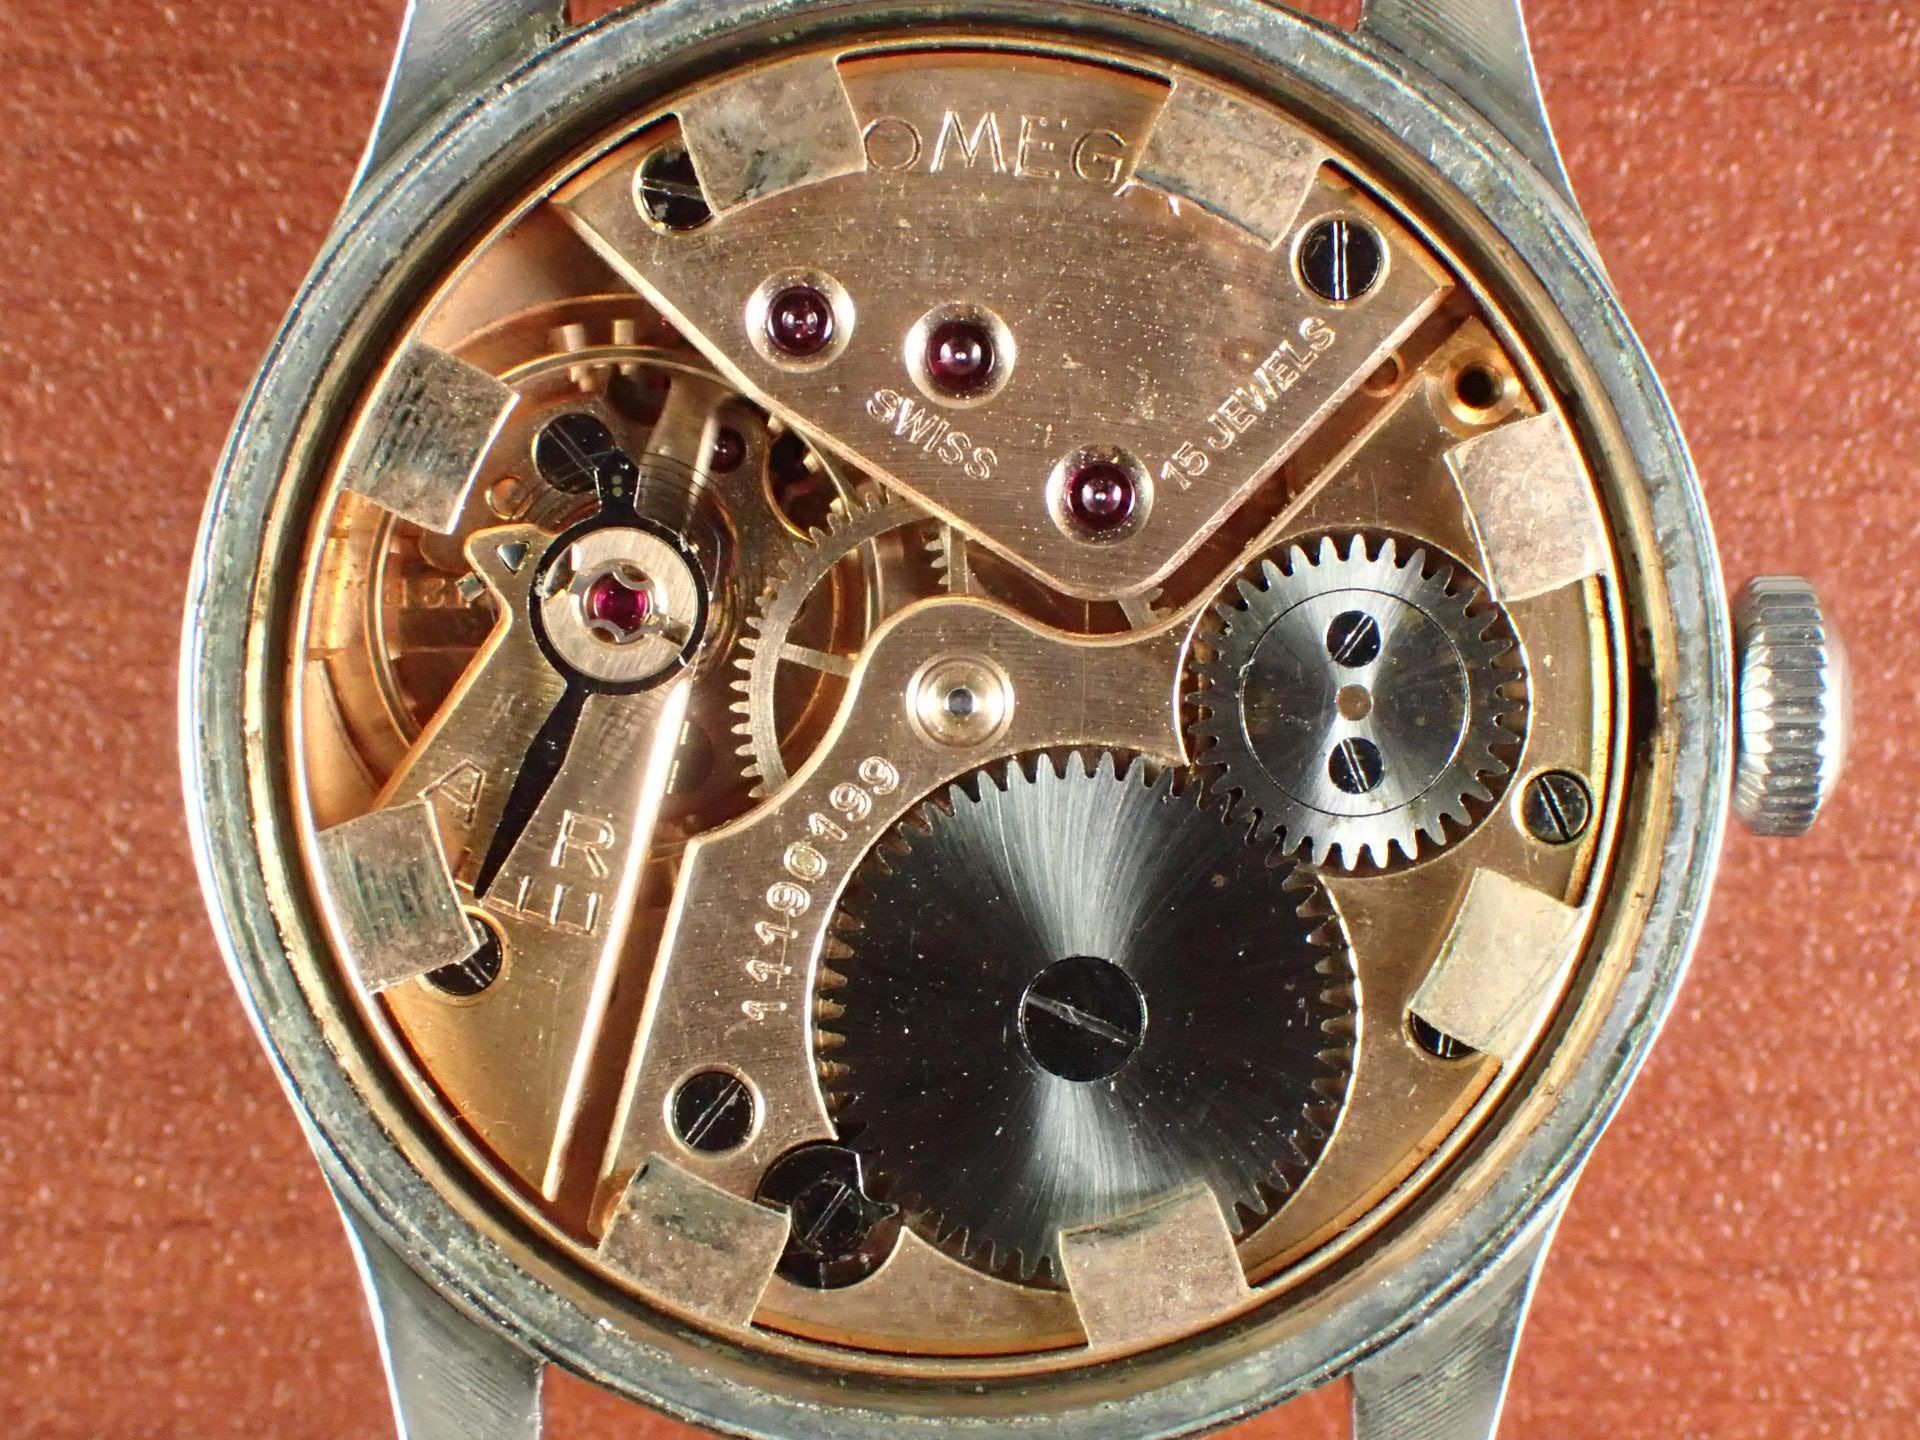 オメガ 30mmキャリバー ブルズアイ Ref.2383-6 1940年代の写真5枚目